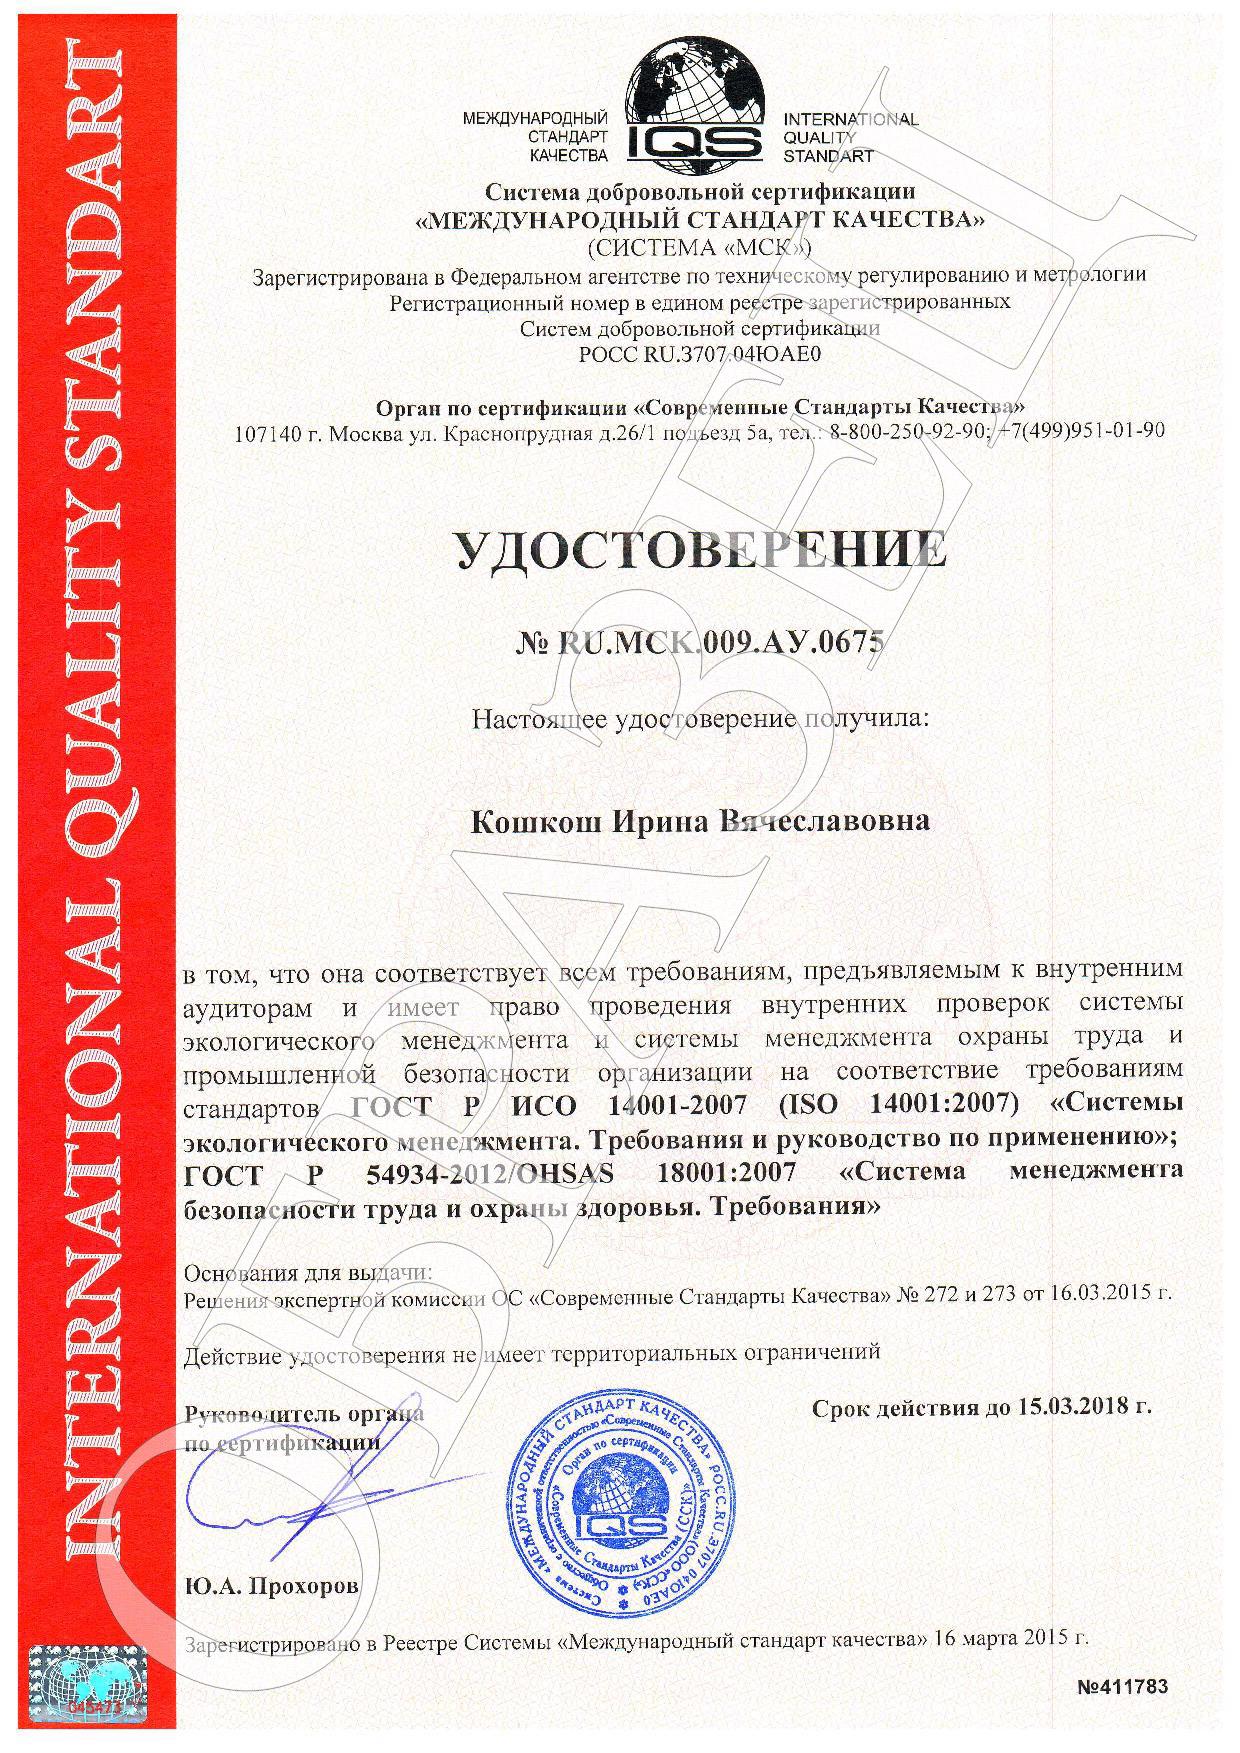 Получение сертификата госстандарт сертификация производственной деятельности